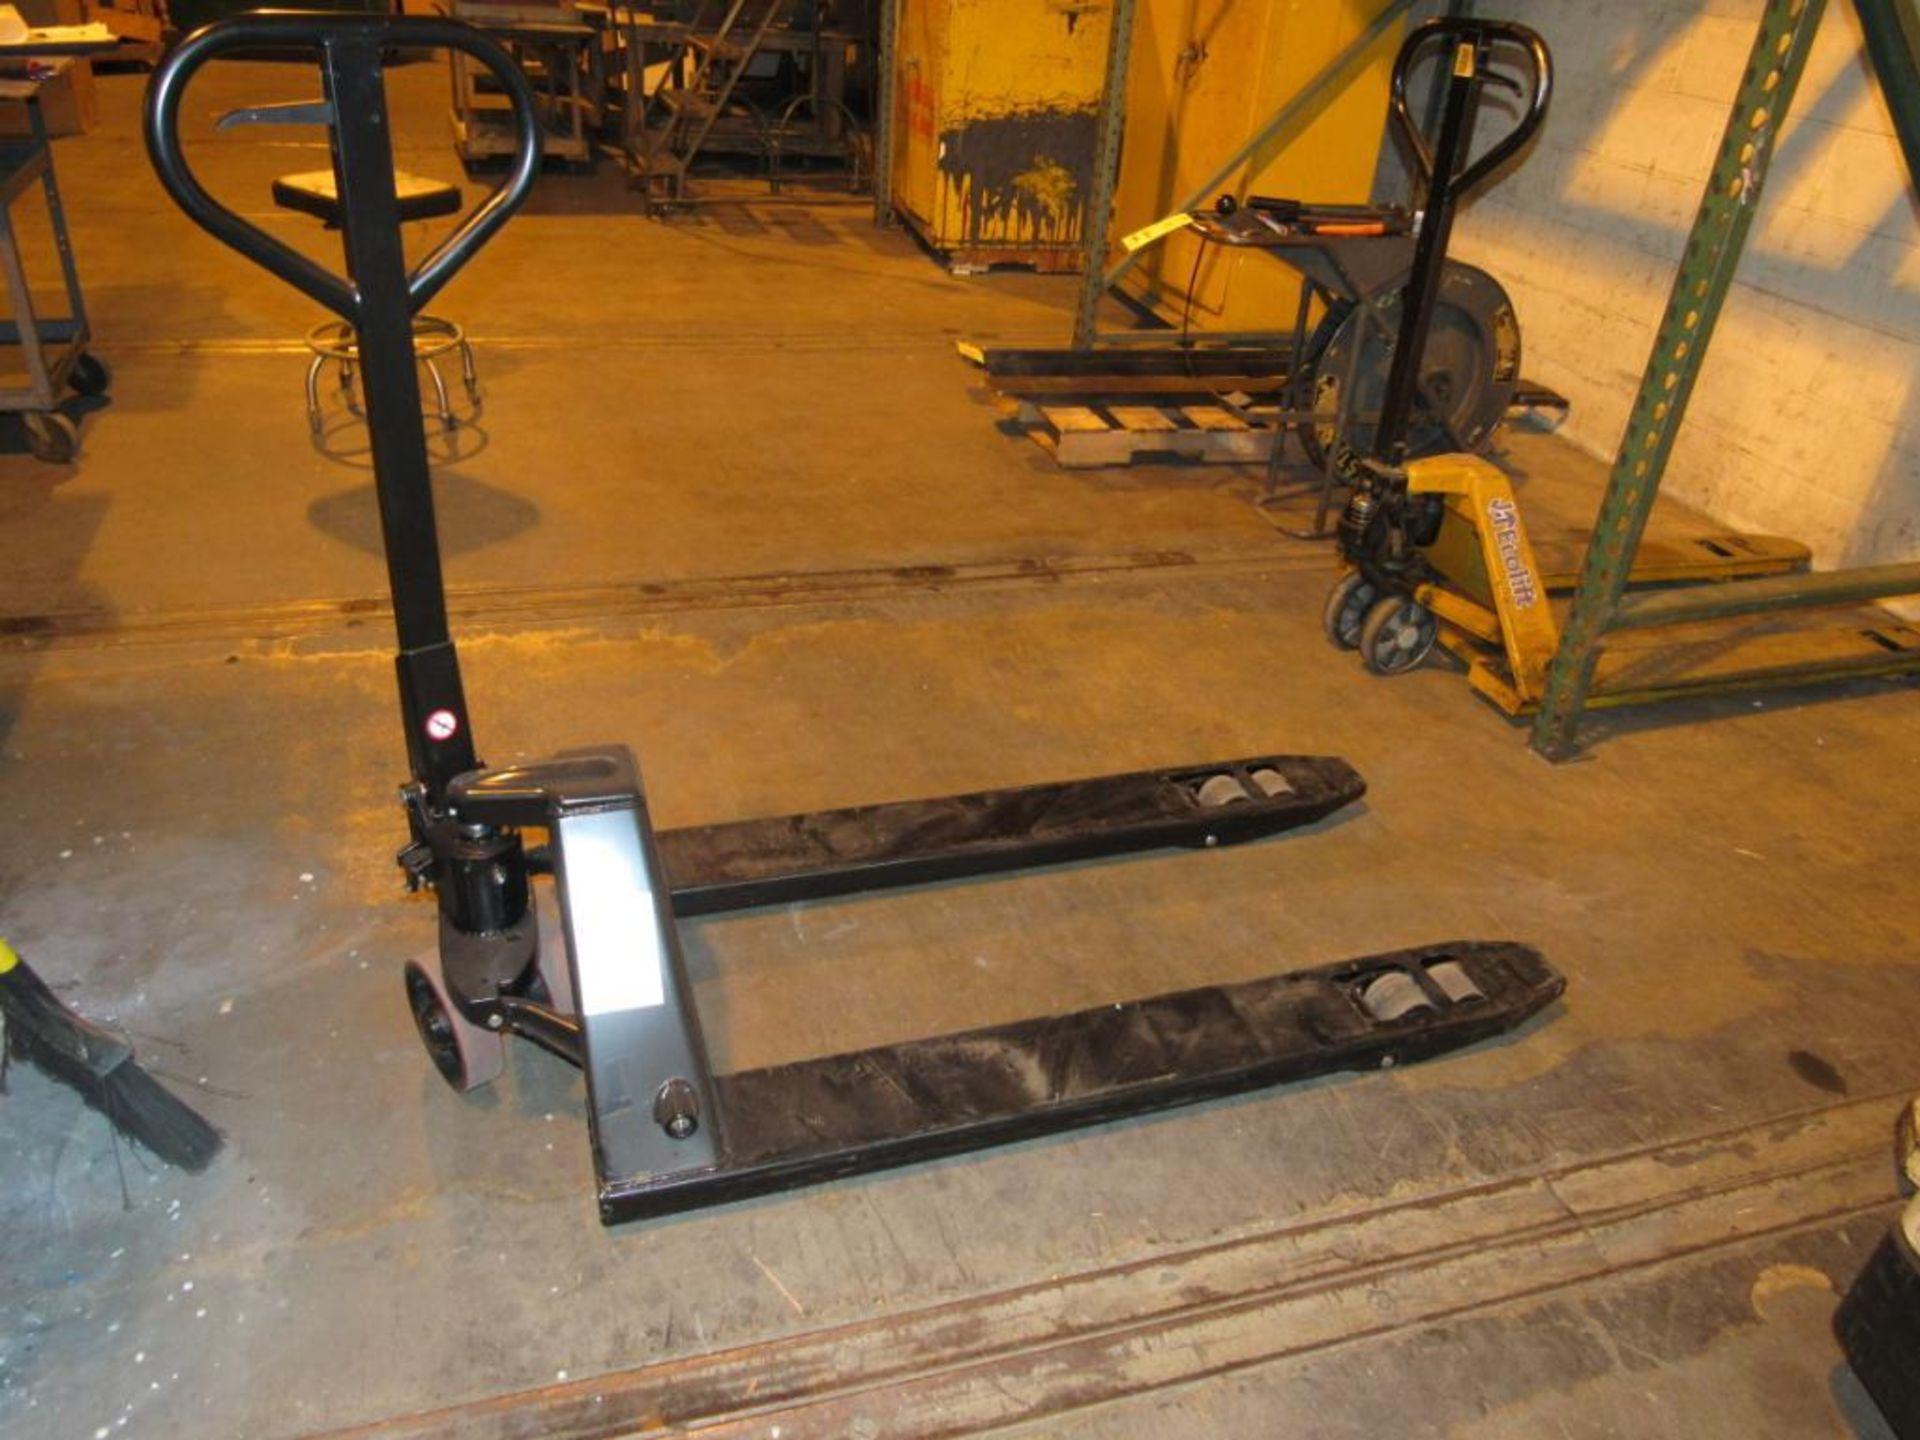 Uline H-2721 Deluxe Pallet Jack, 7700 lb. Cap.